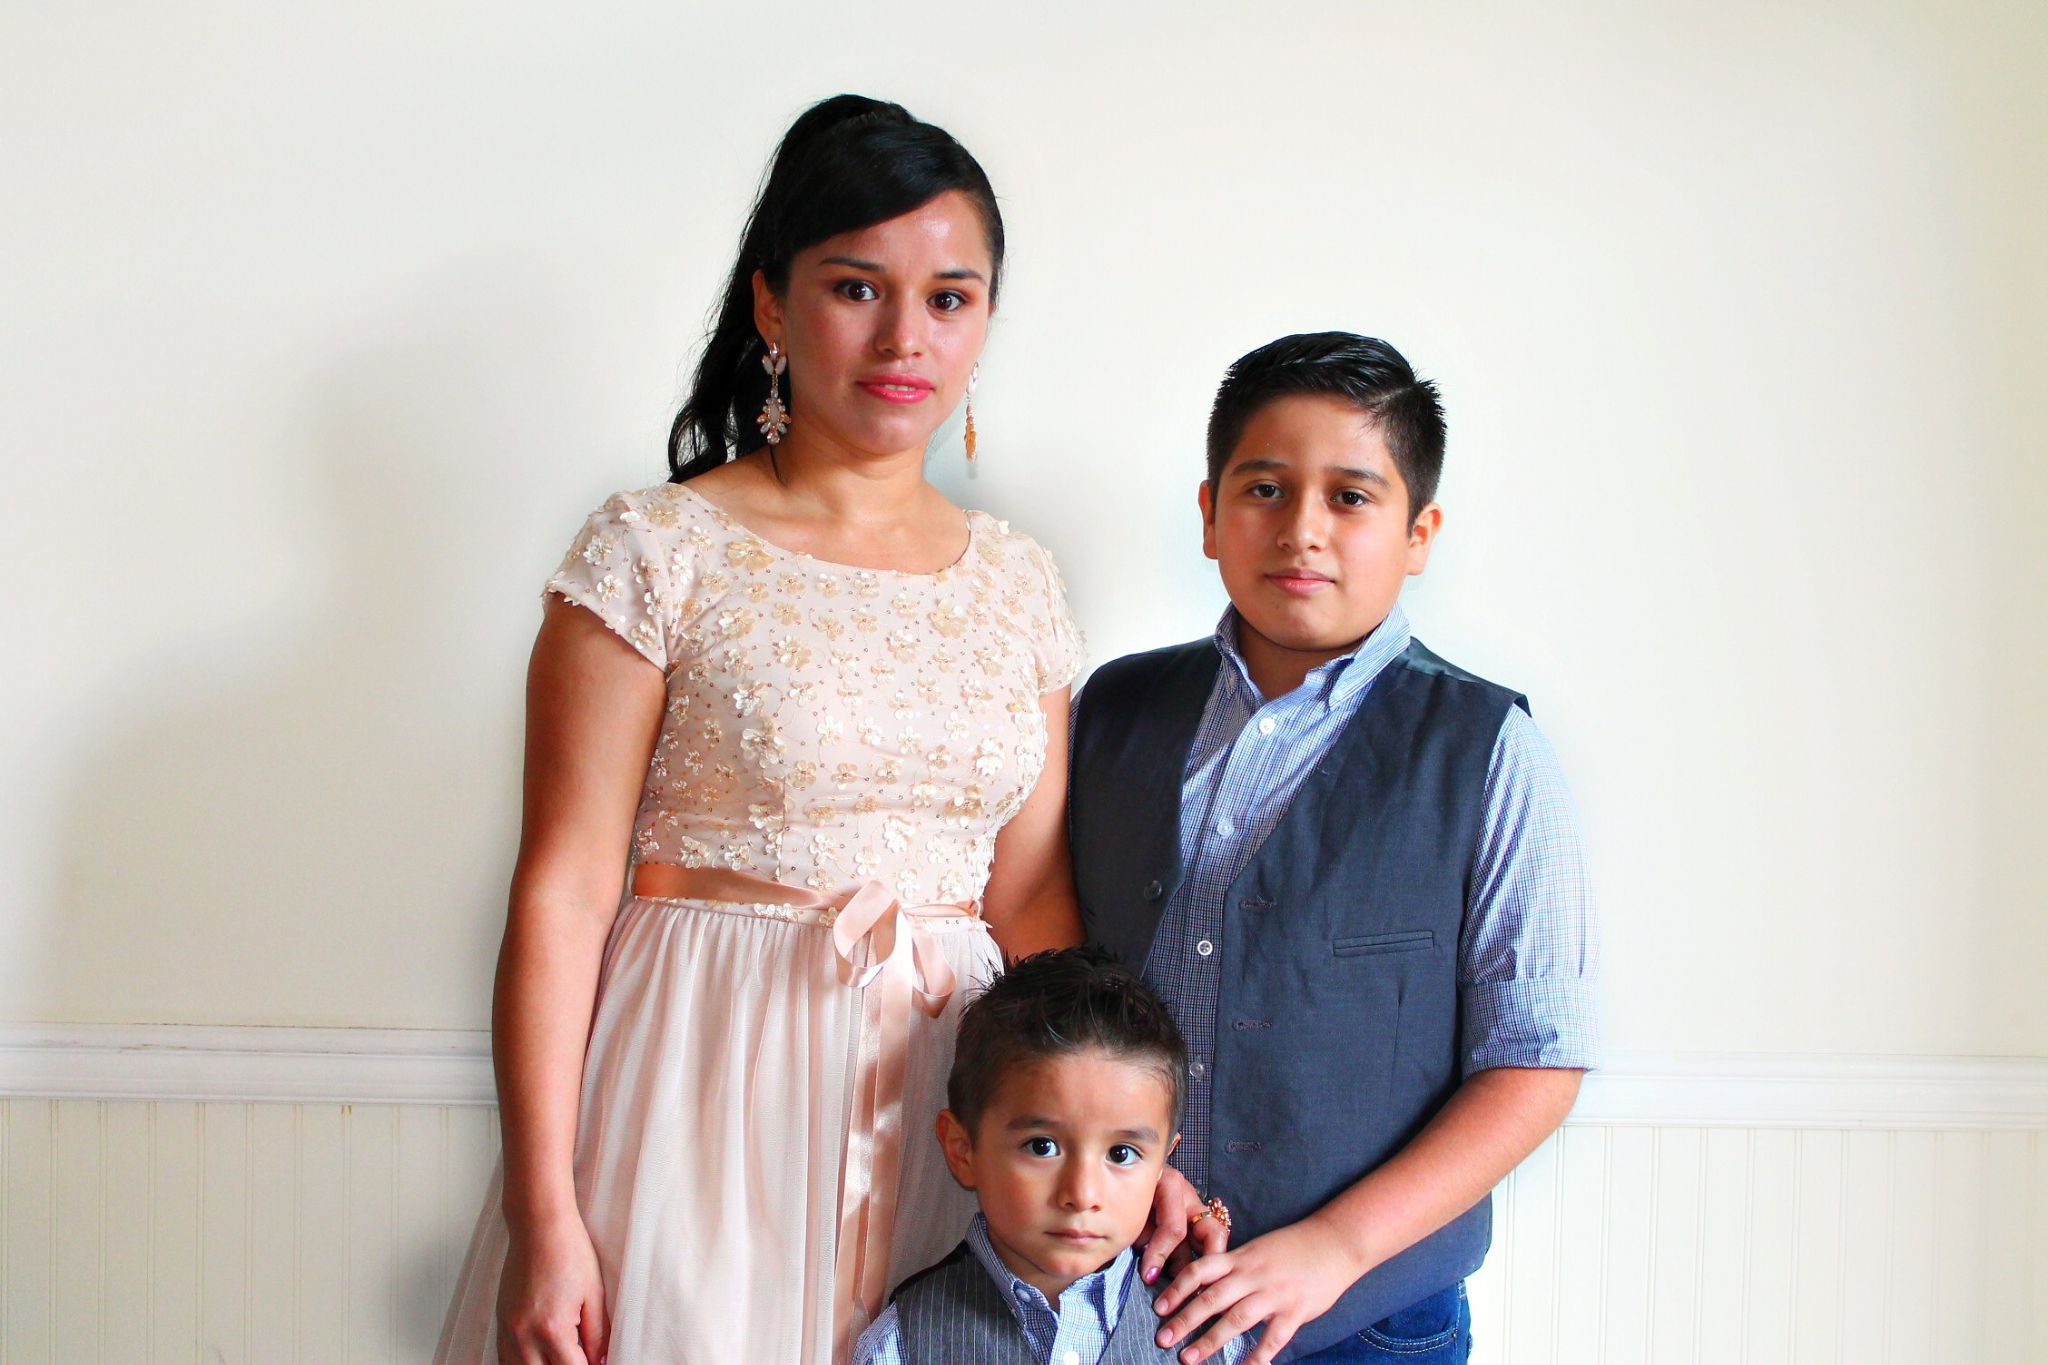 Familia  by LbcJaffa